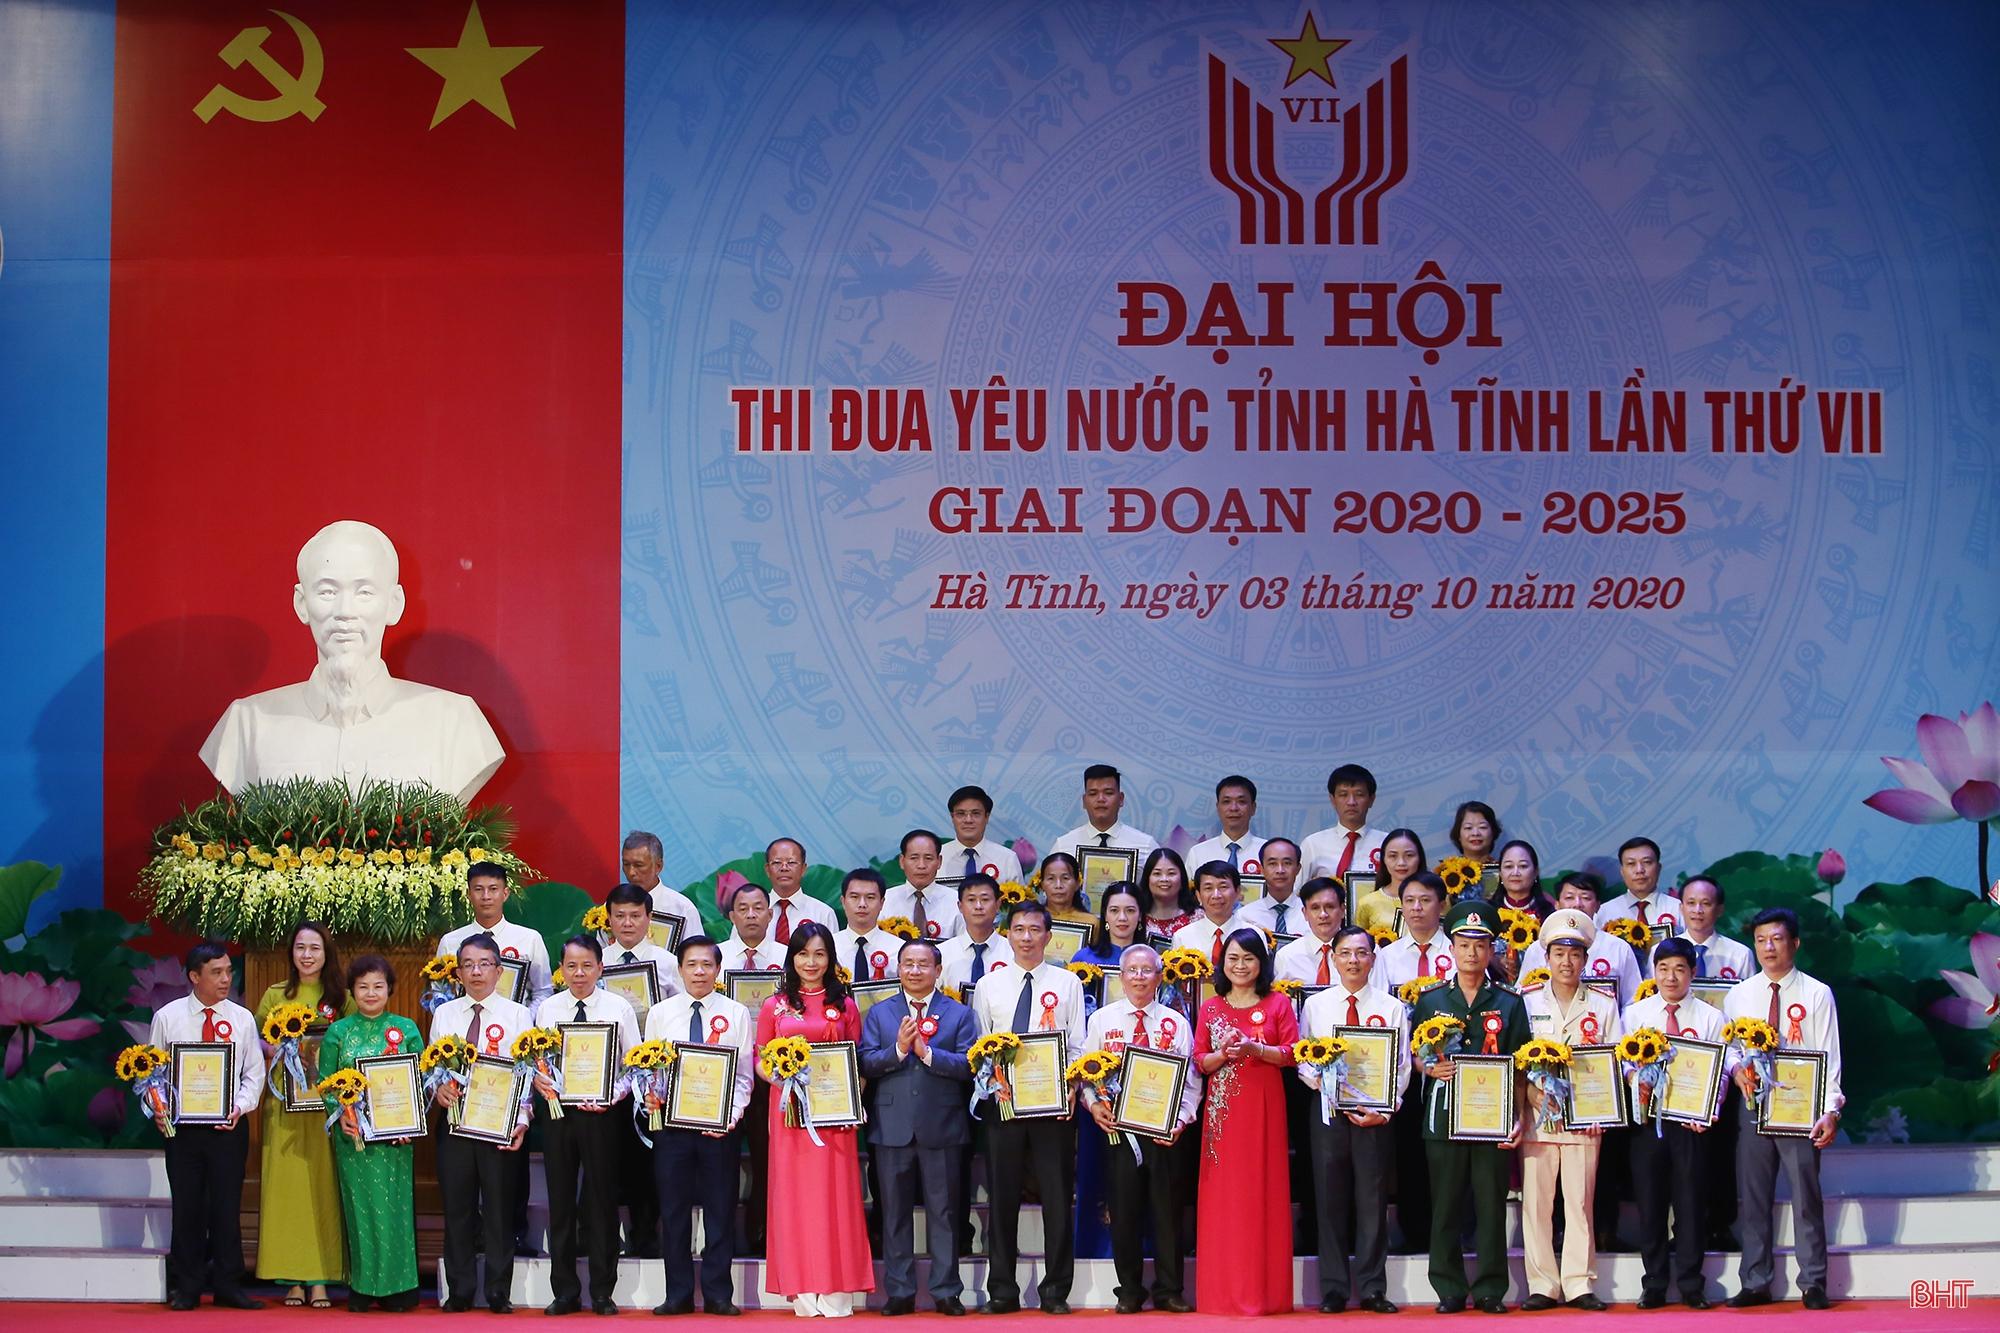 Hà Tĩnh phát động phong trào thi đua yêu nước giai đoạn 2020 - 2025